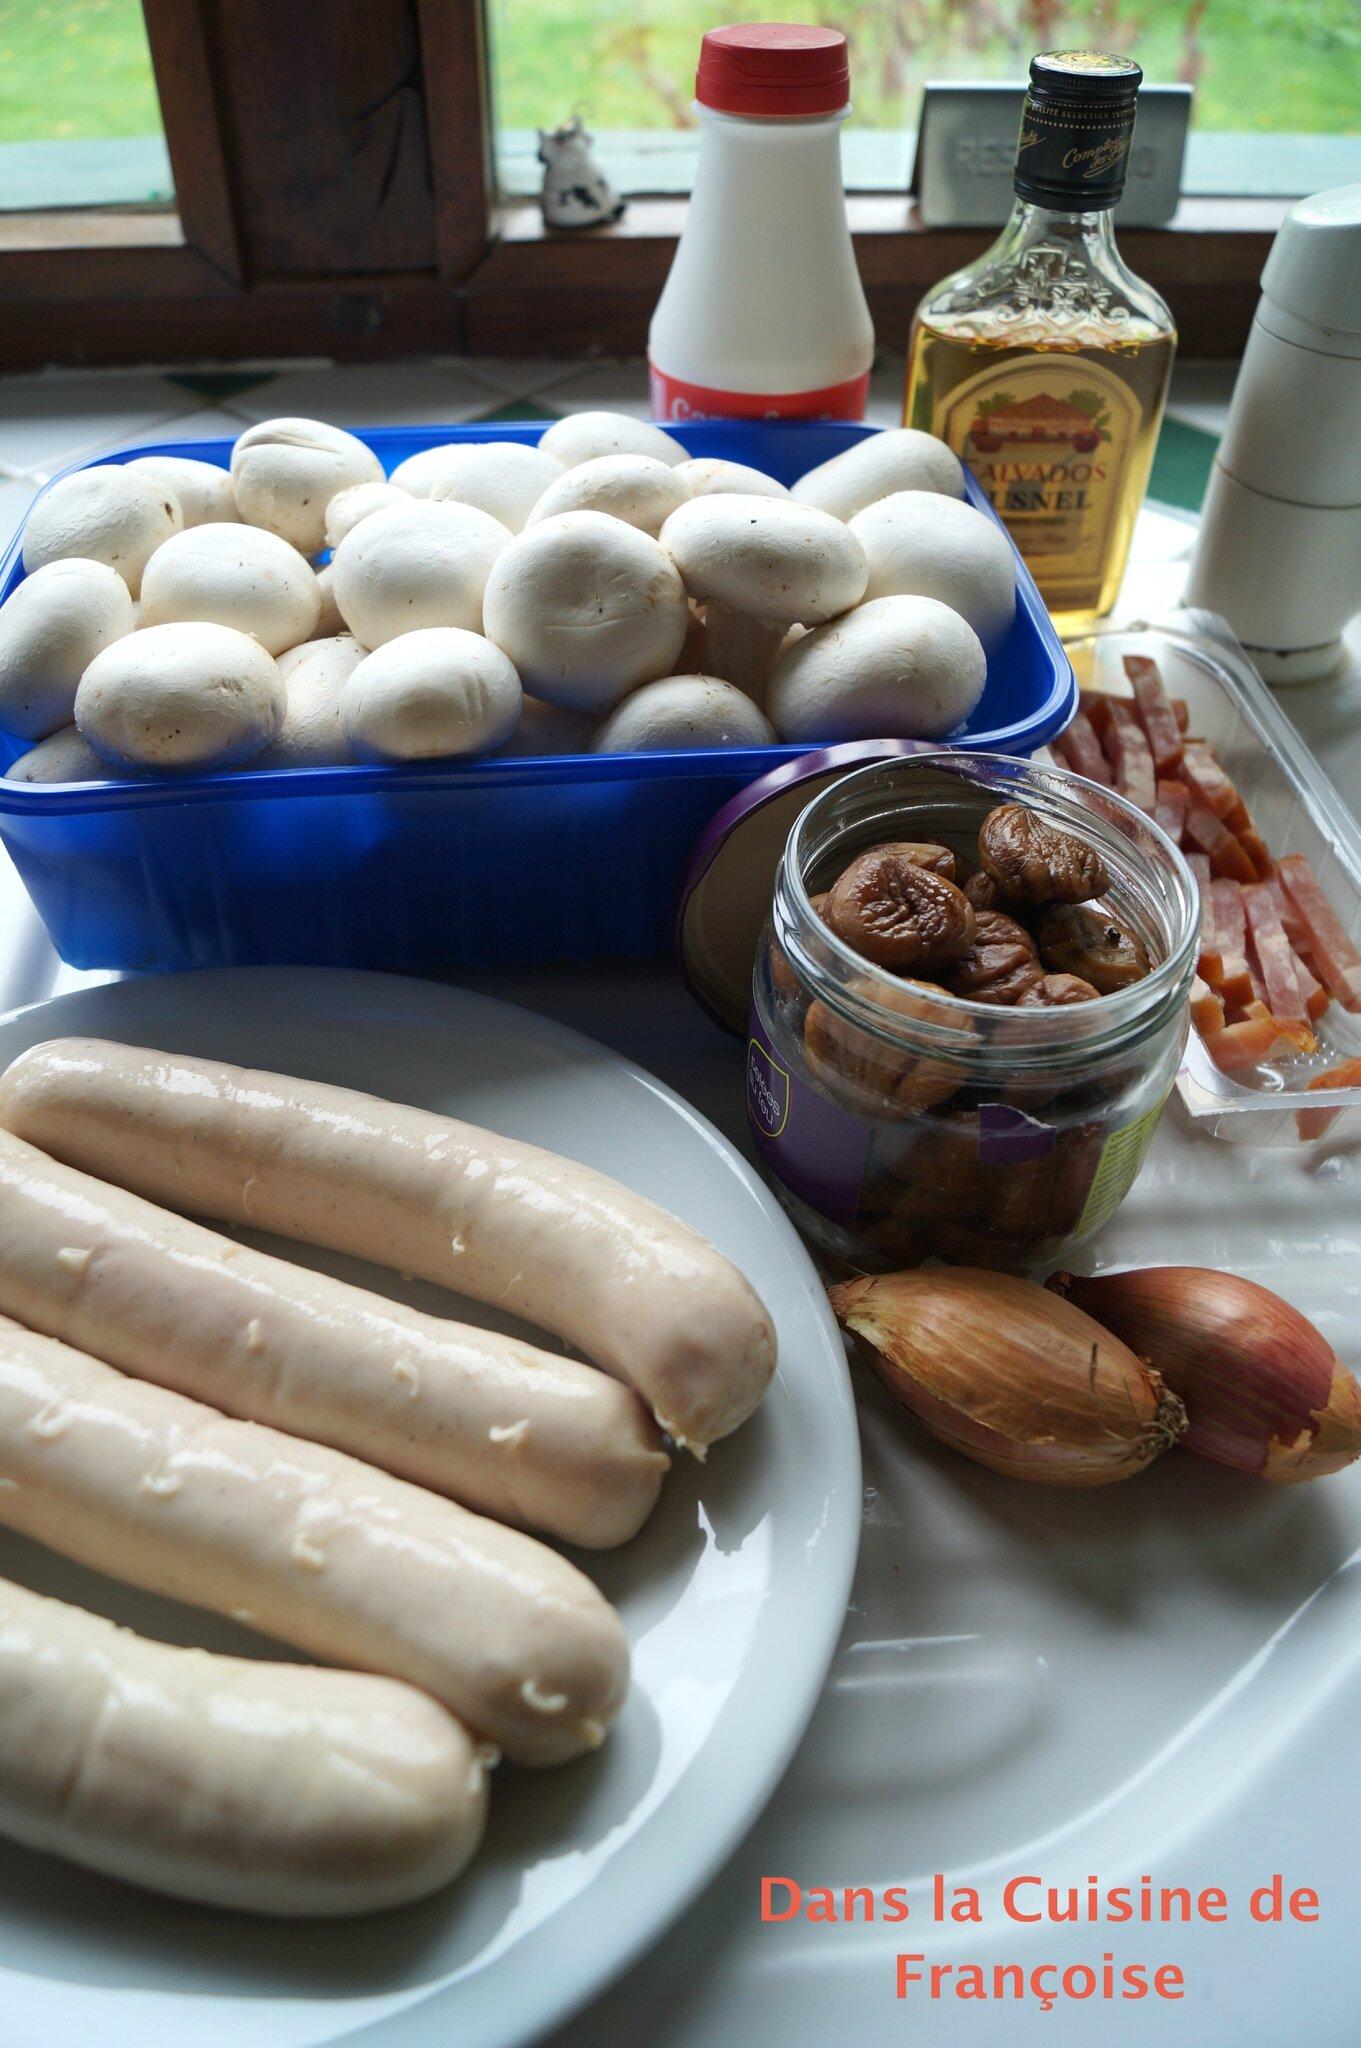 Legumes Pour Accompagner Le Boudin : legumes, accompagner, boudin, Boudin, Blanc, Accompagnement, Cuisine, Françoise